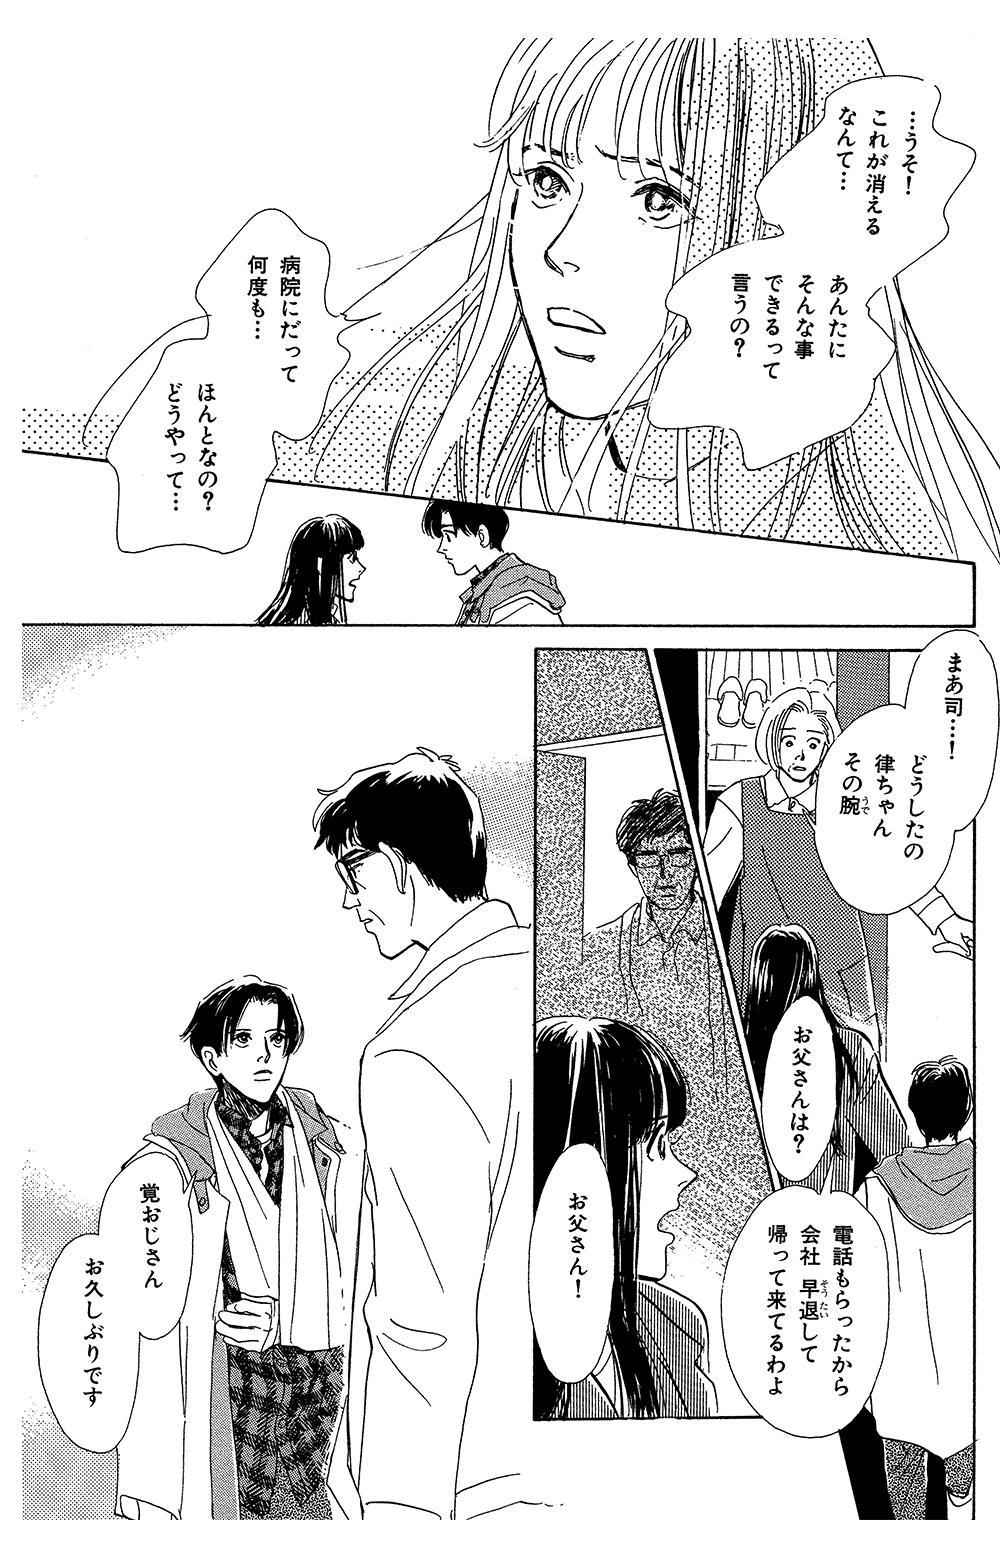 百鬼夜行抄 第1話「闇からの呼び声」④hyakki1-4-10.jpg